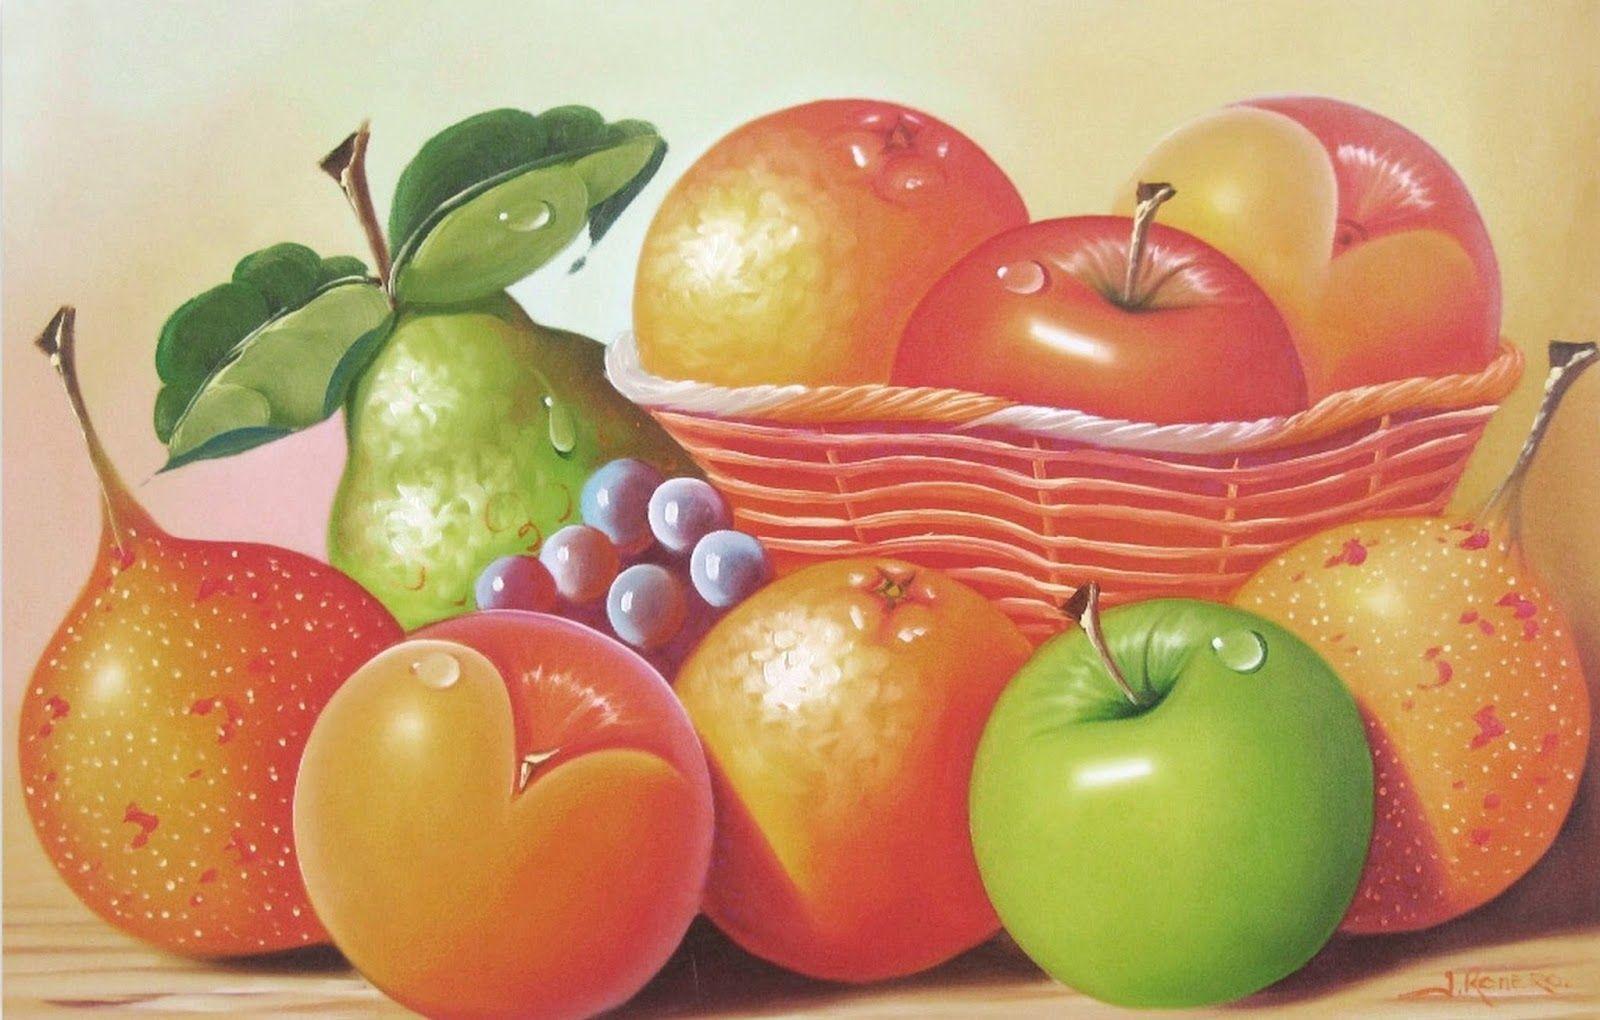 Cuadros De Bodegones Tripticos Pintura Y Fotografia Artistica